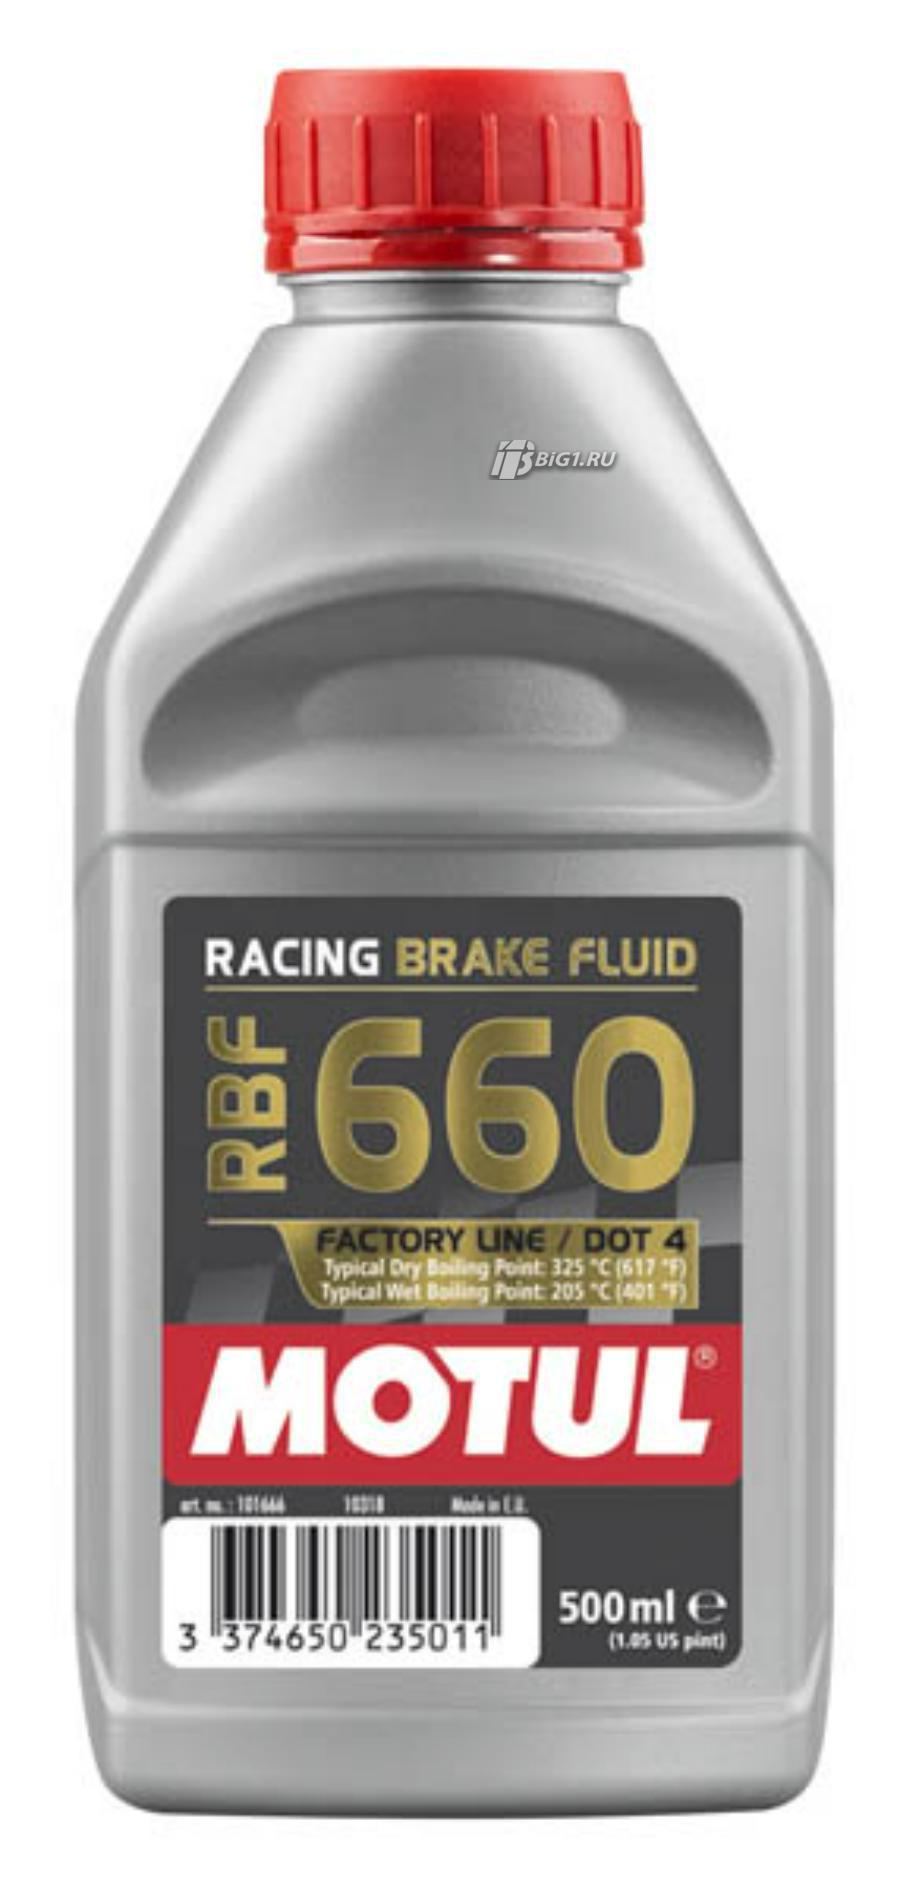 Жидкость тормозная DOT 3|DOT 4|DOT 5,1, 'RBF 66'0 Factory Line', '0,5л